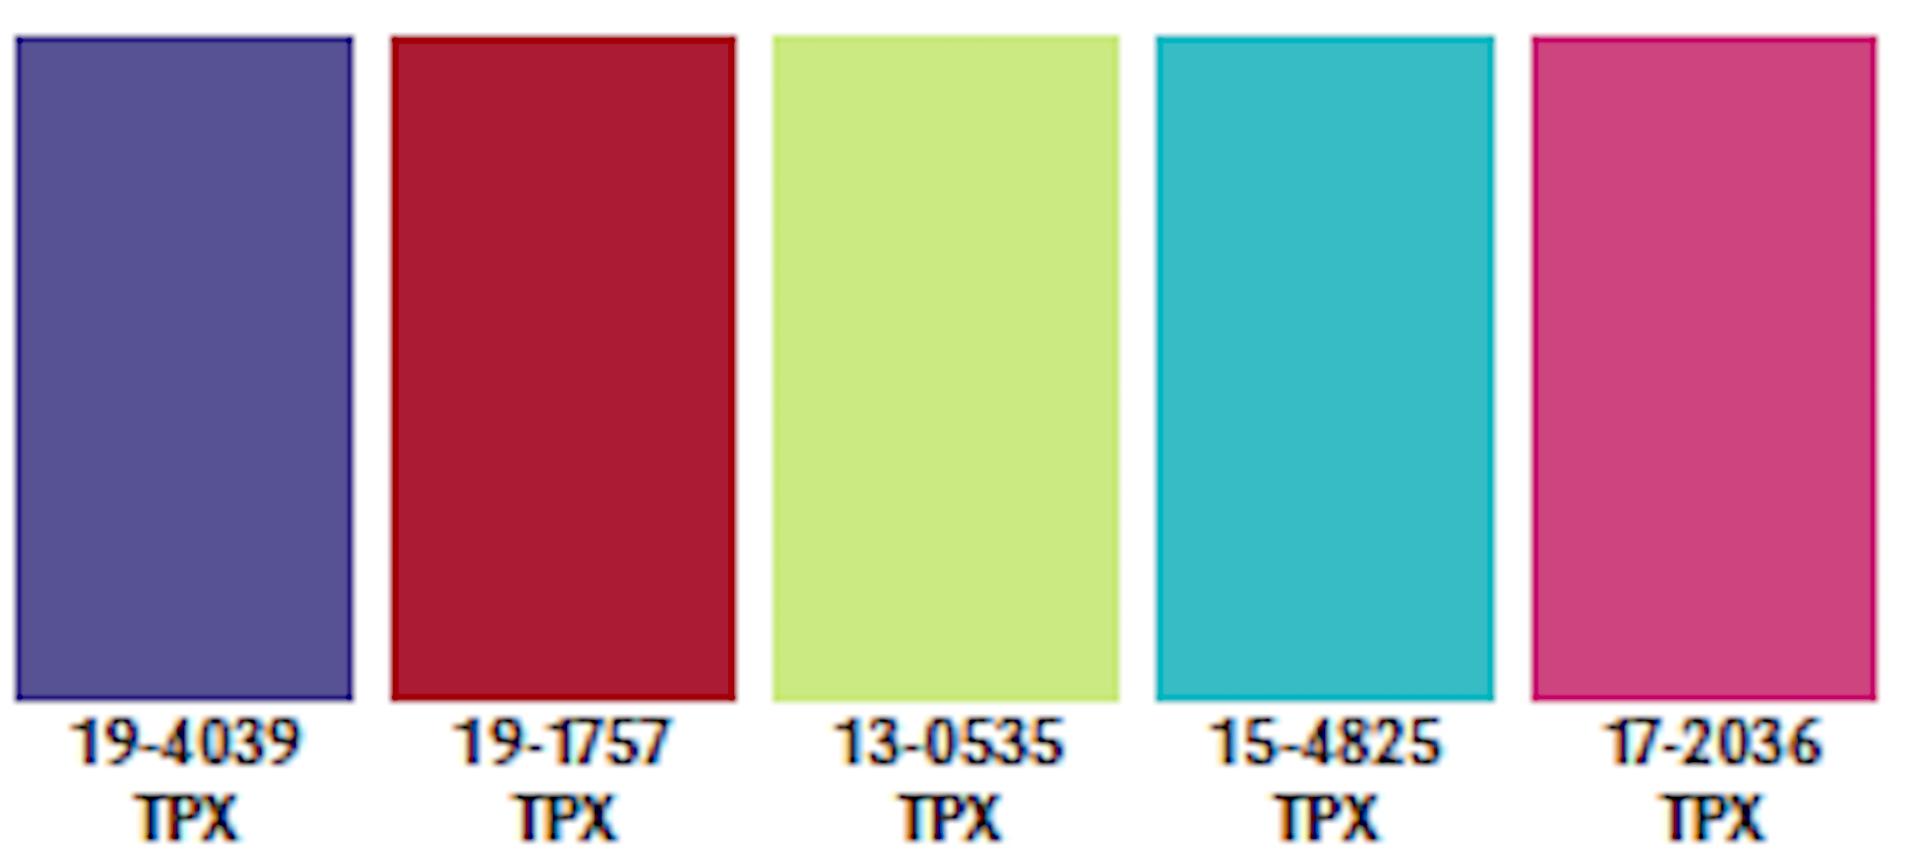 Color Palette Spring Summer 2021 Summer Color Trends Color Trends Fashion Summer Color Palette